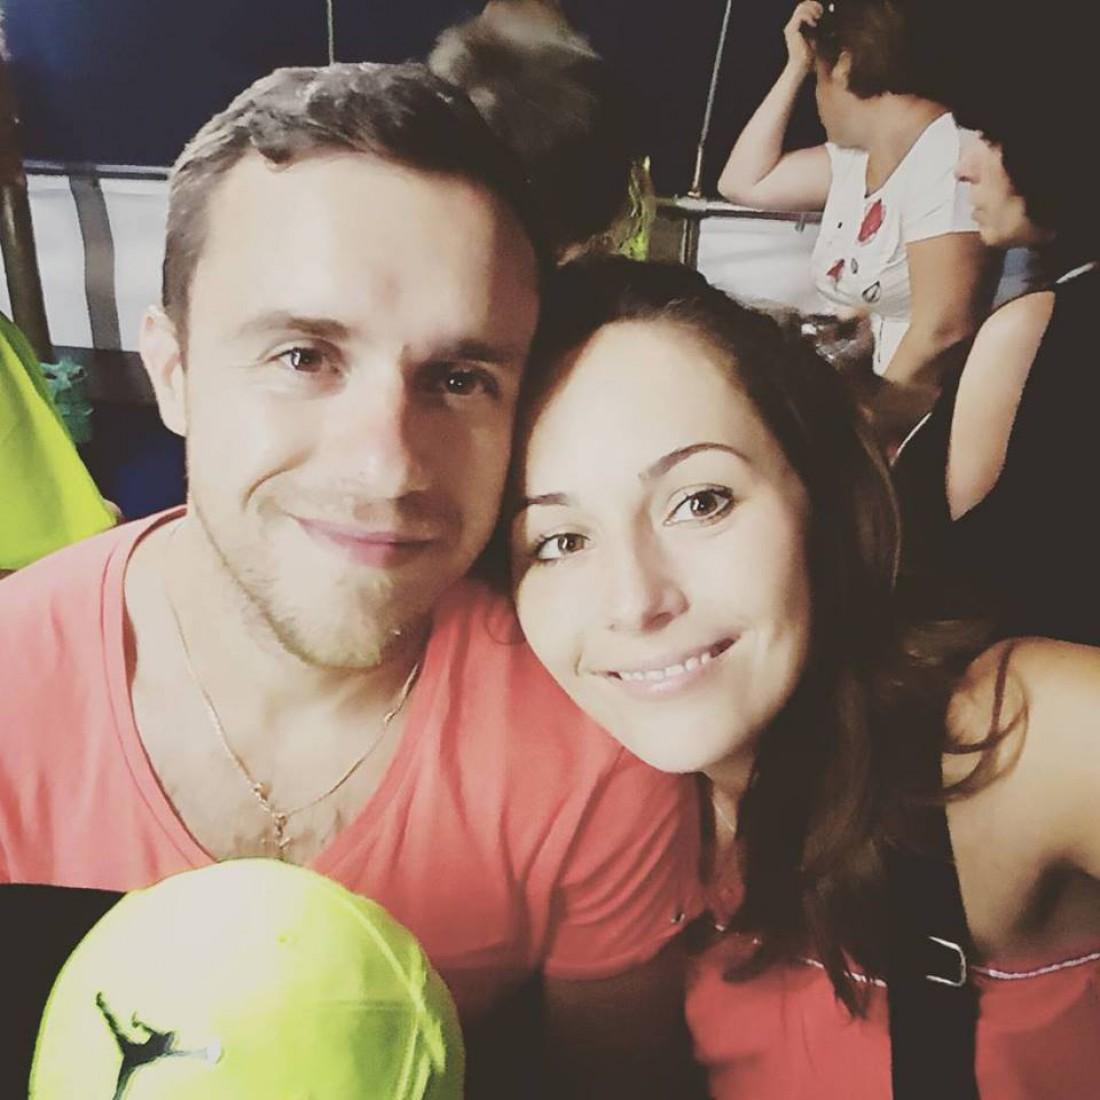 Даша Малахова и ее возлюбленный Сергей Сулим